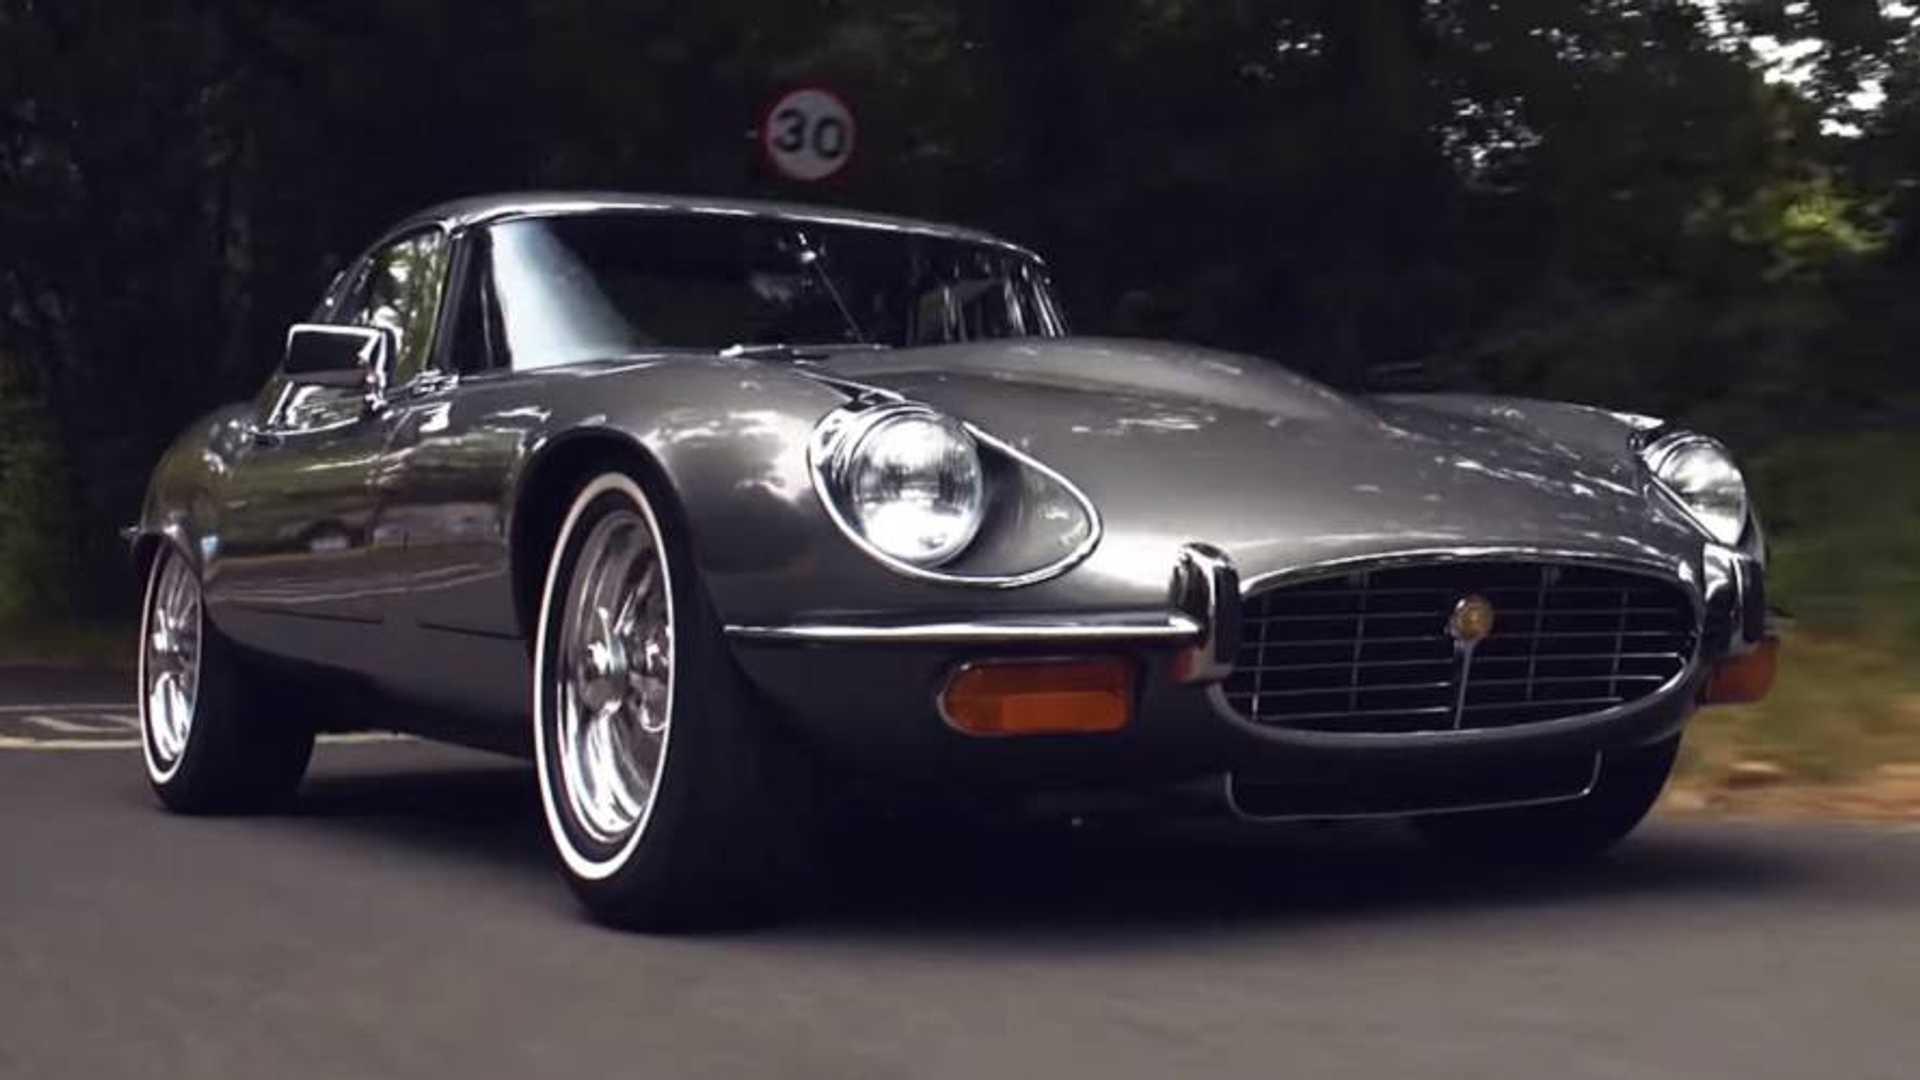 Jaguar E Type >> Jaguar E Type Restomod Combines Timeless Design With Modern Tech